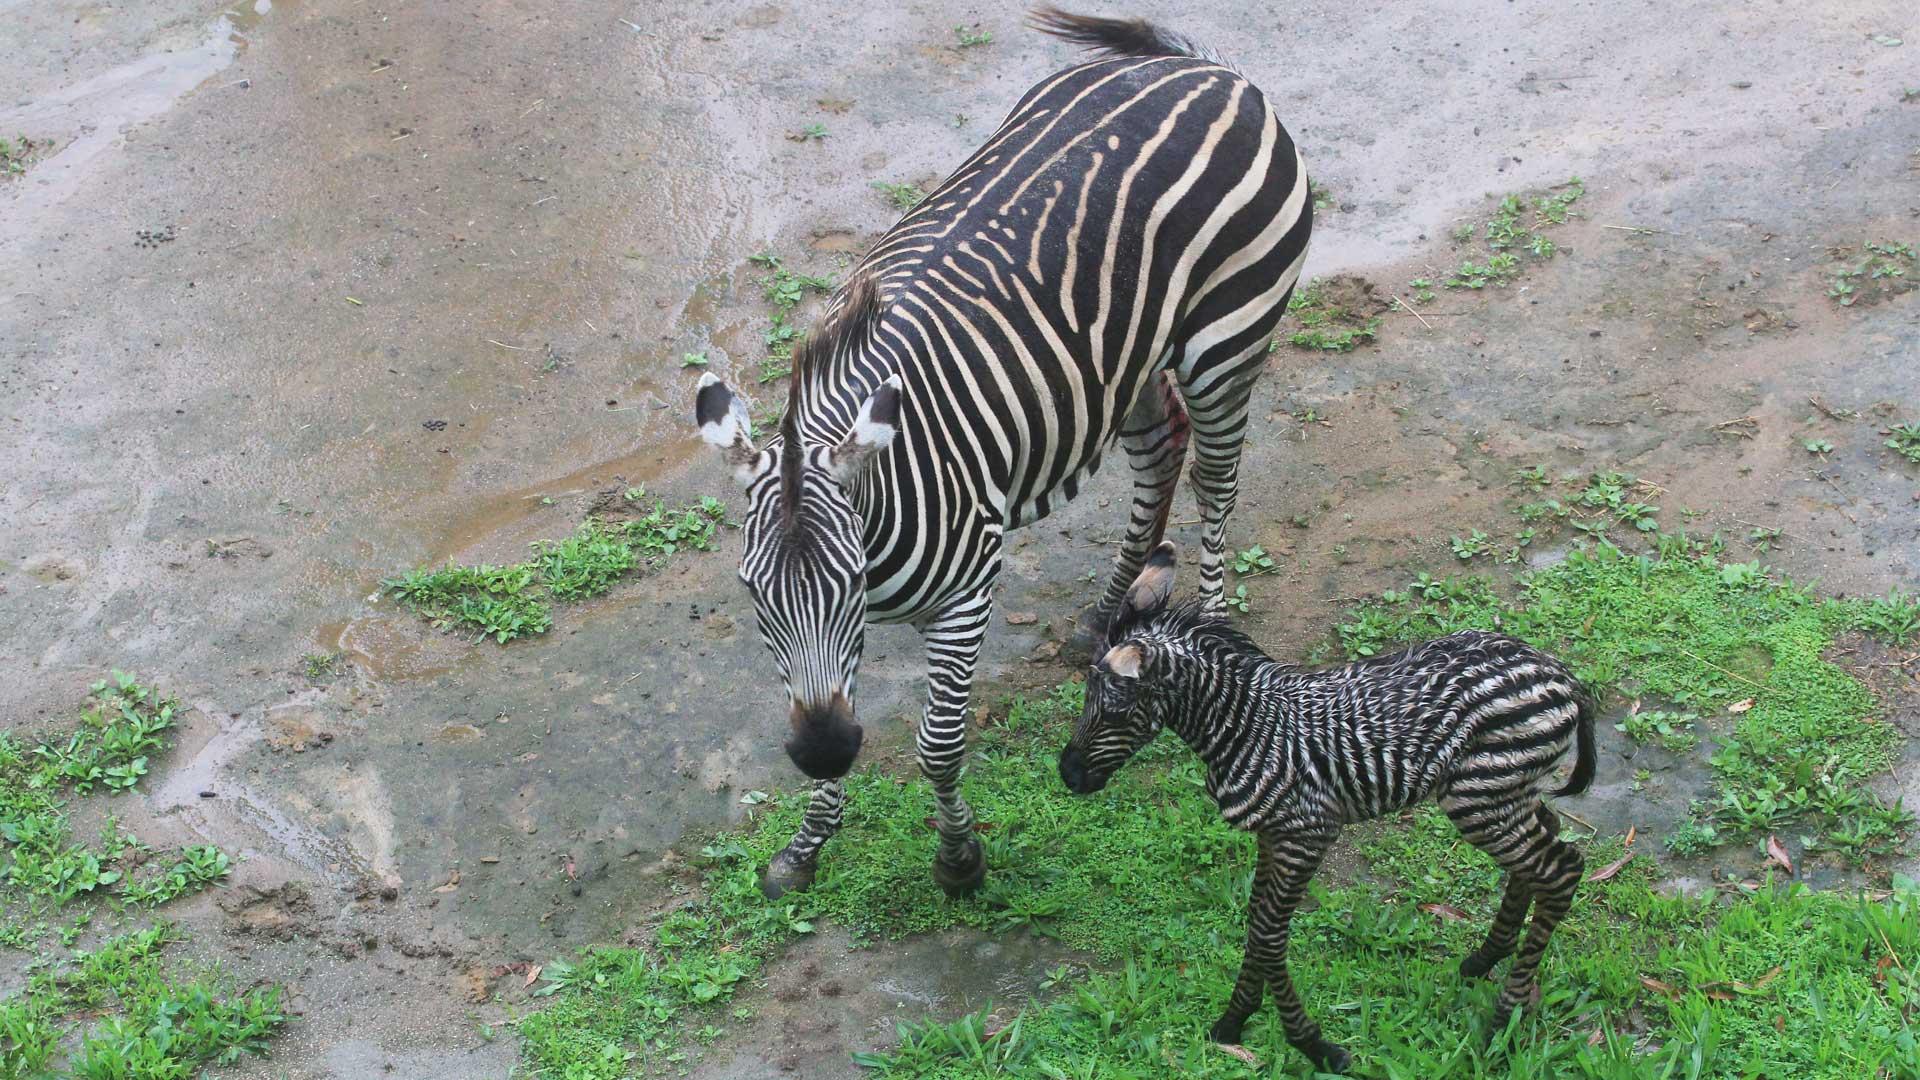 https://rfacdn.nz/zoo/assets/media/zebra-calf-gallery-1.jpg